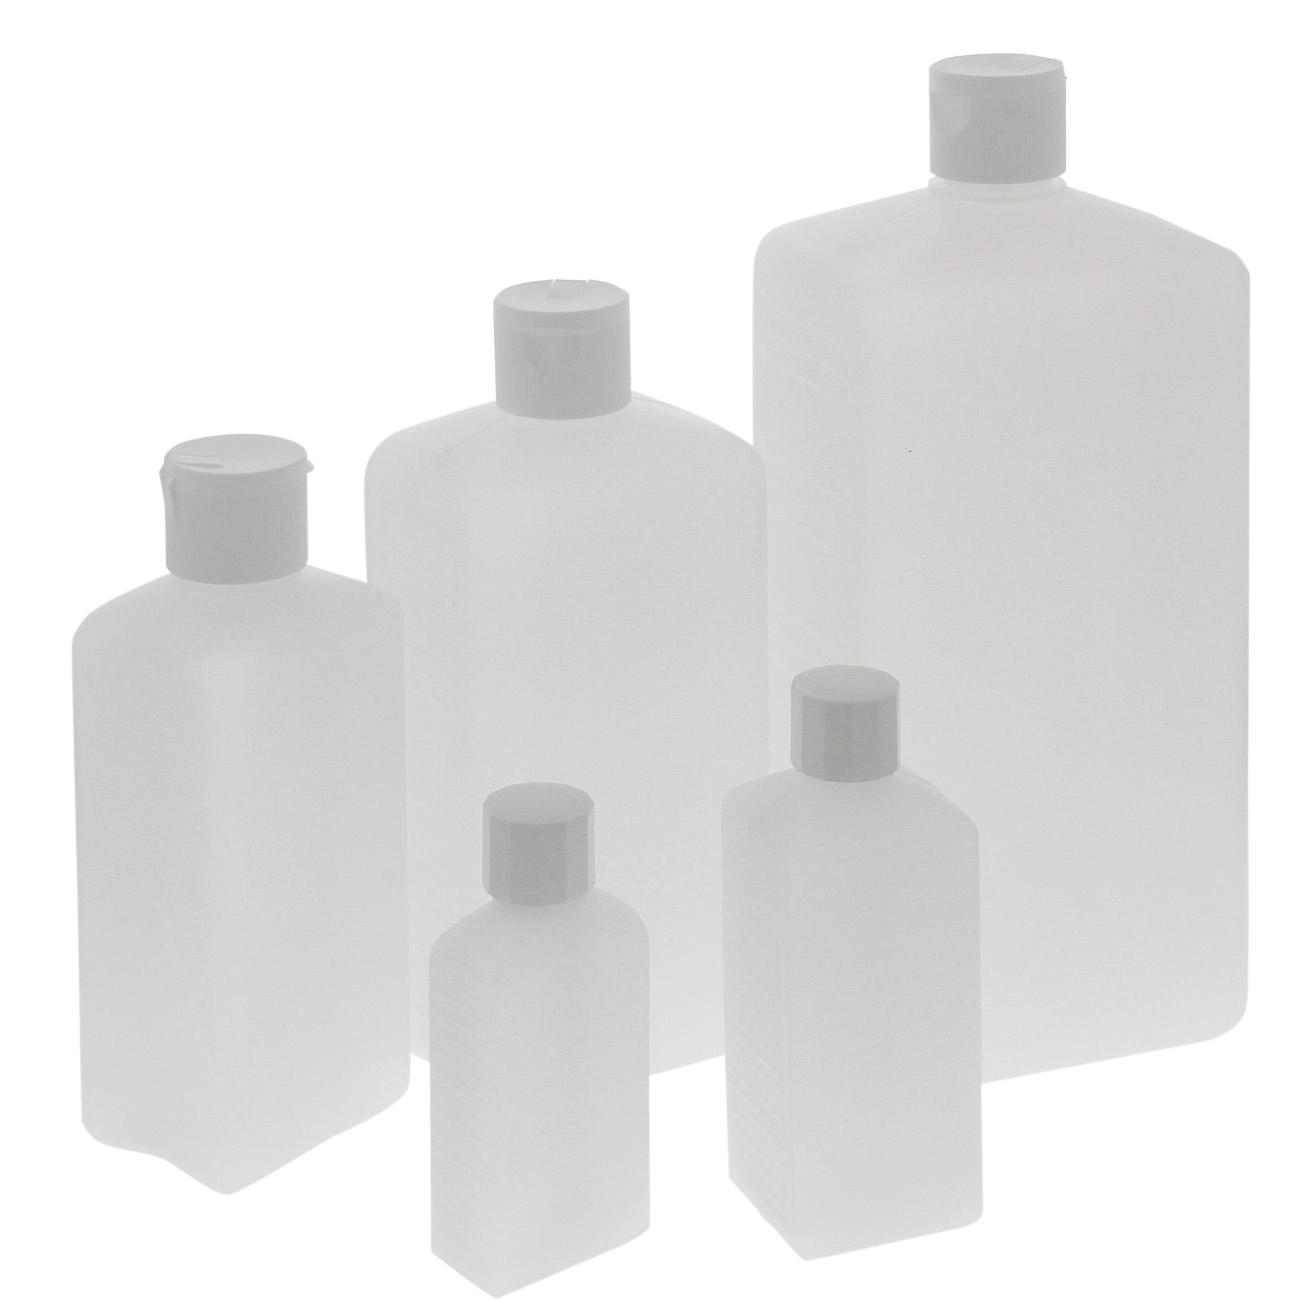 leere plastikflaschen kunststoff flaschen spritzverschlu kosmetex. Black Bedroom Furniture Sets. Home Design Ideas